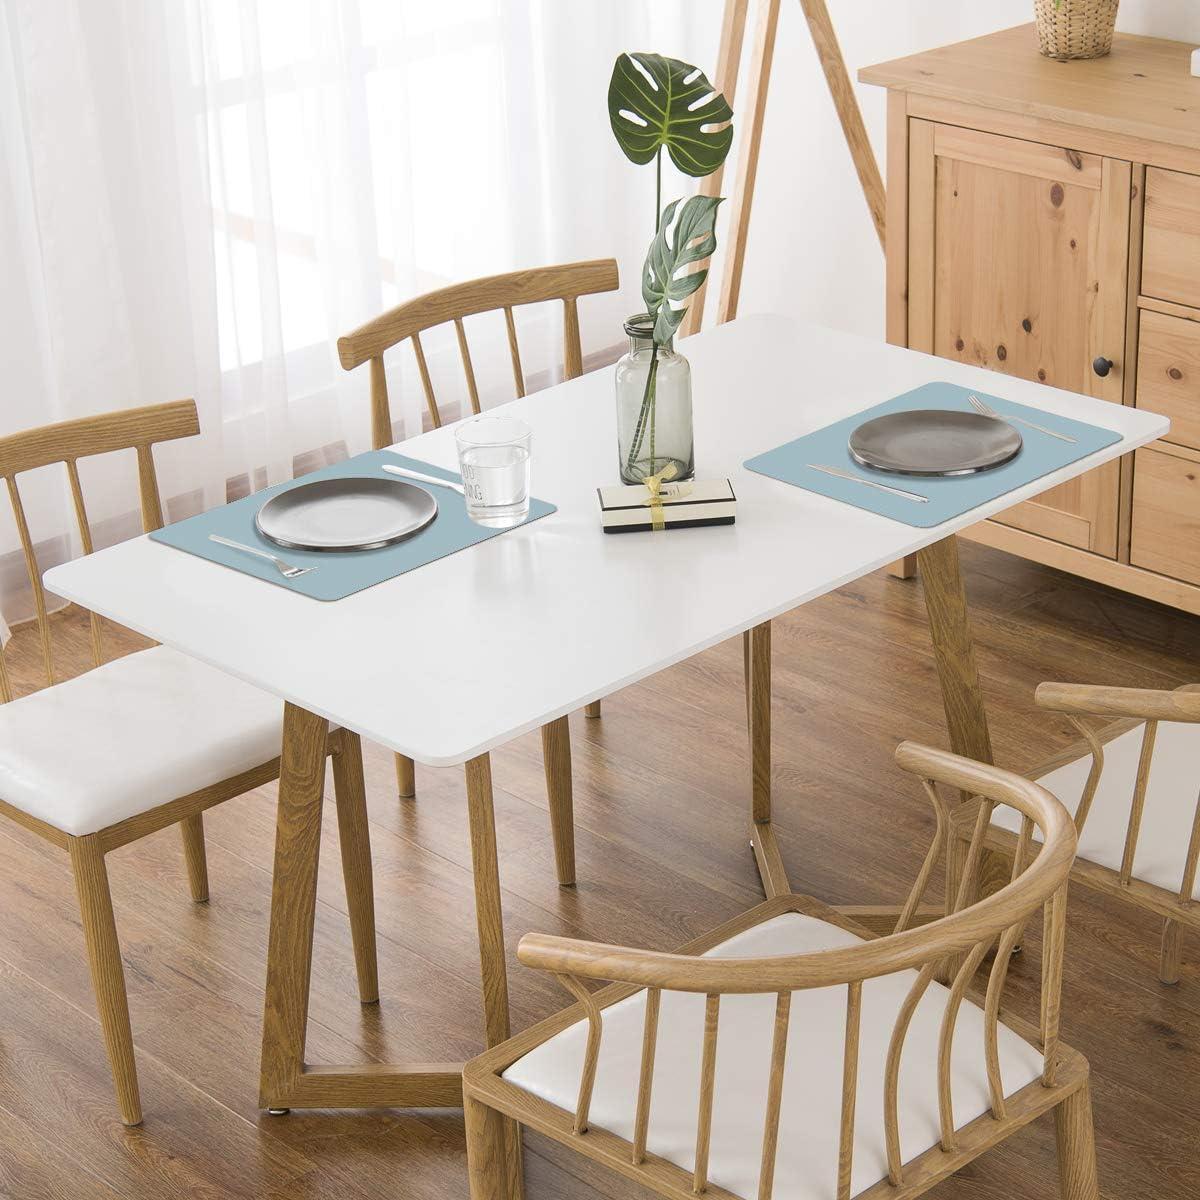 Set da 6 Tovagliette per Tavolo da Cucina Azzurro MORROLS PU Tovagliette Lavabili Isolamento Termico in Ecopelle Impermeabile